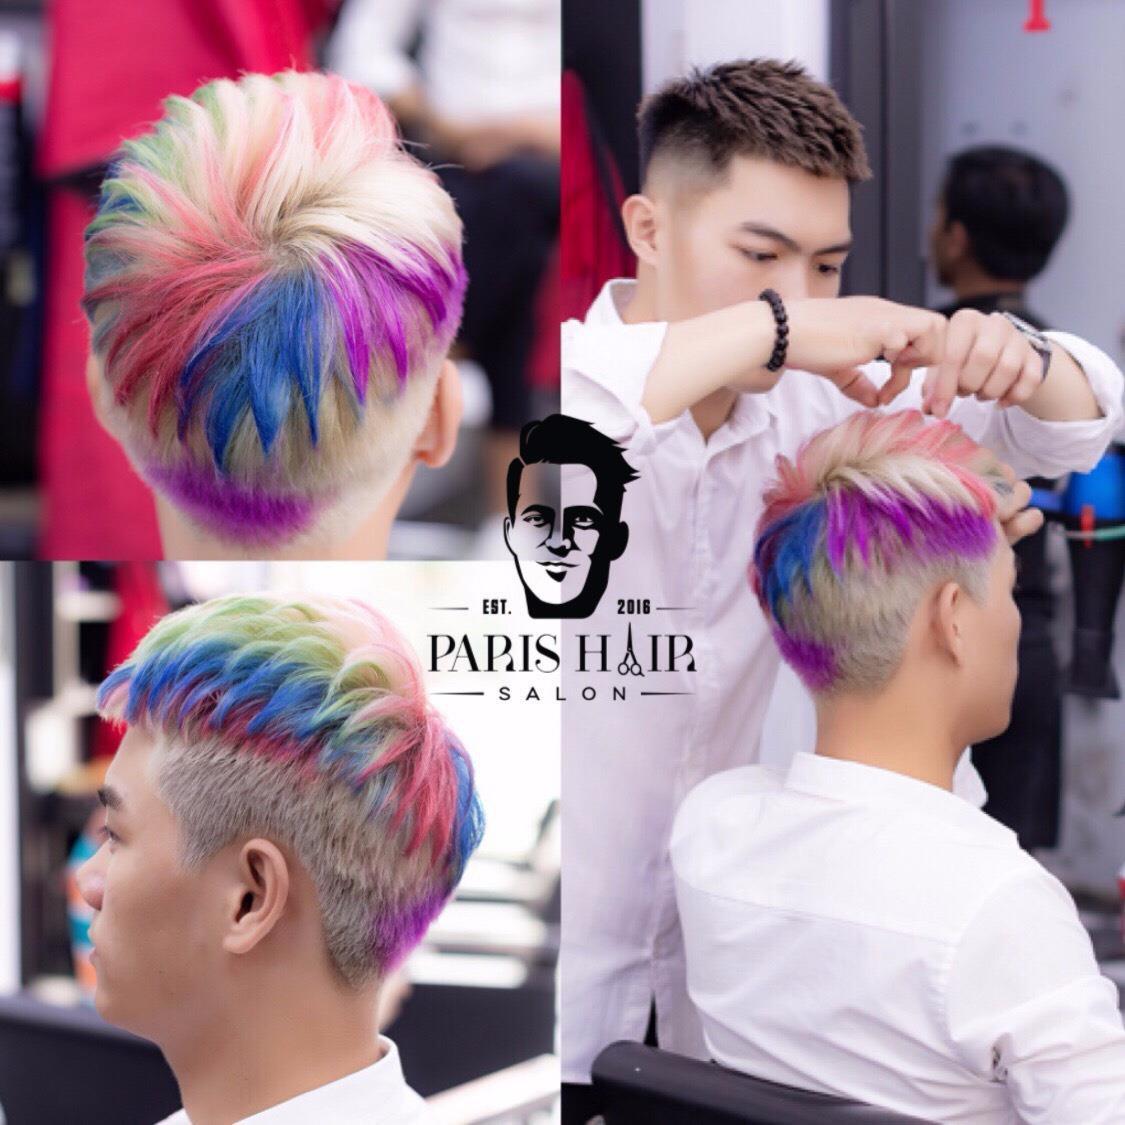 """Bí quyết """"lột xác"""" cho nam giới đơn giản là combo 7 bước làm tóc chỉ 80.000đ tại Paris Hair Salon - Ảnh 5."""